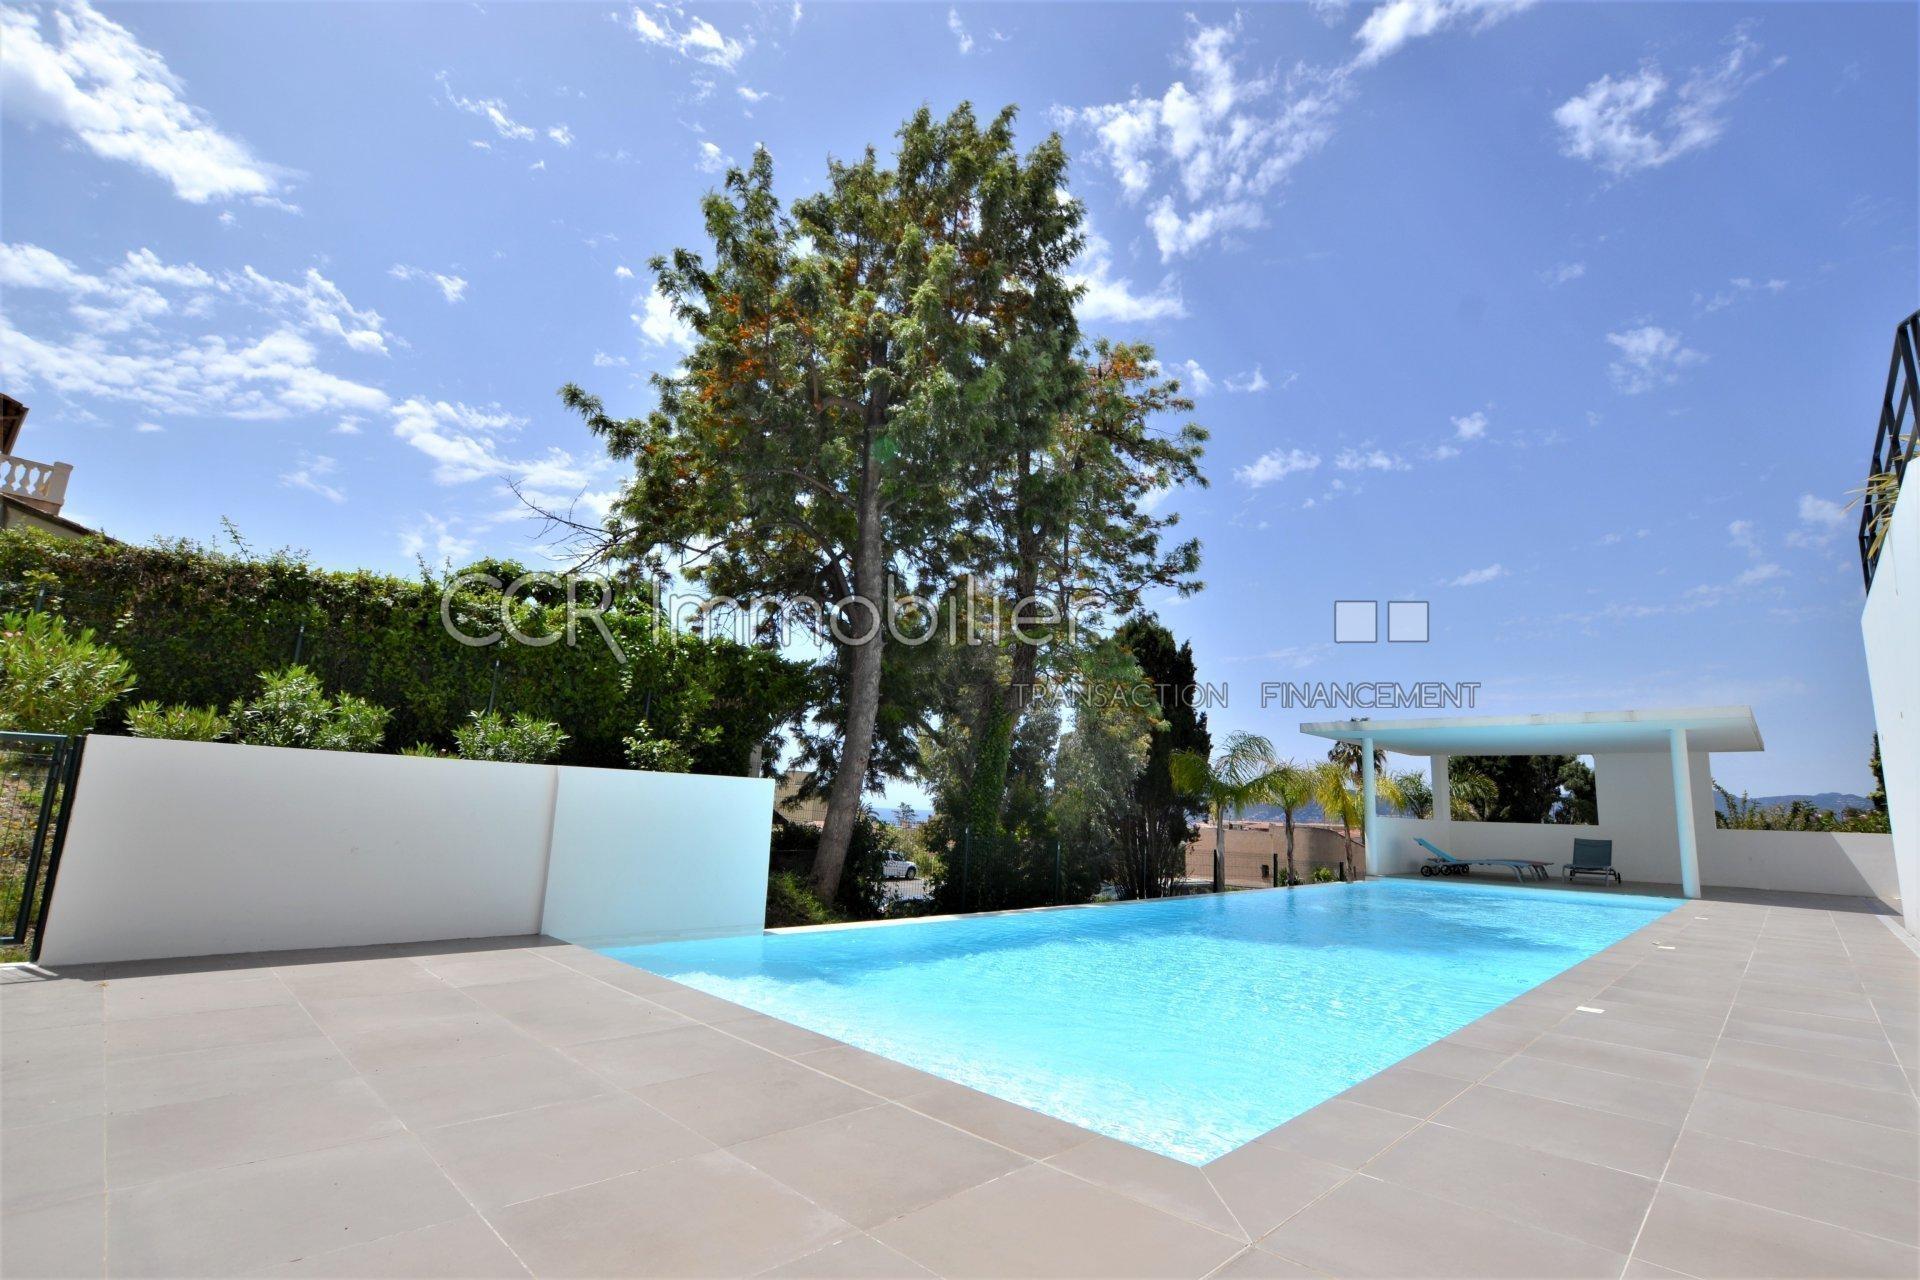 EXCEPTIONNEL T3 84 m² Résidence 2016 Dernier étage VUE MER